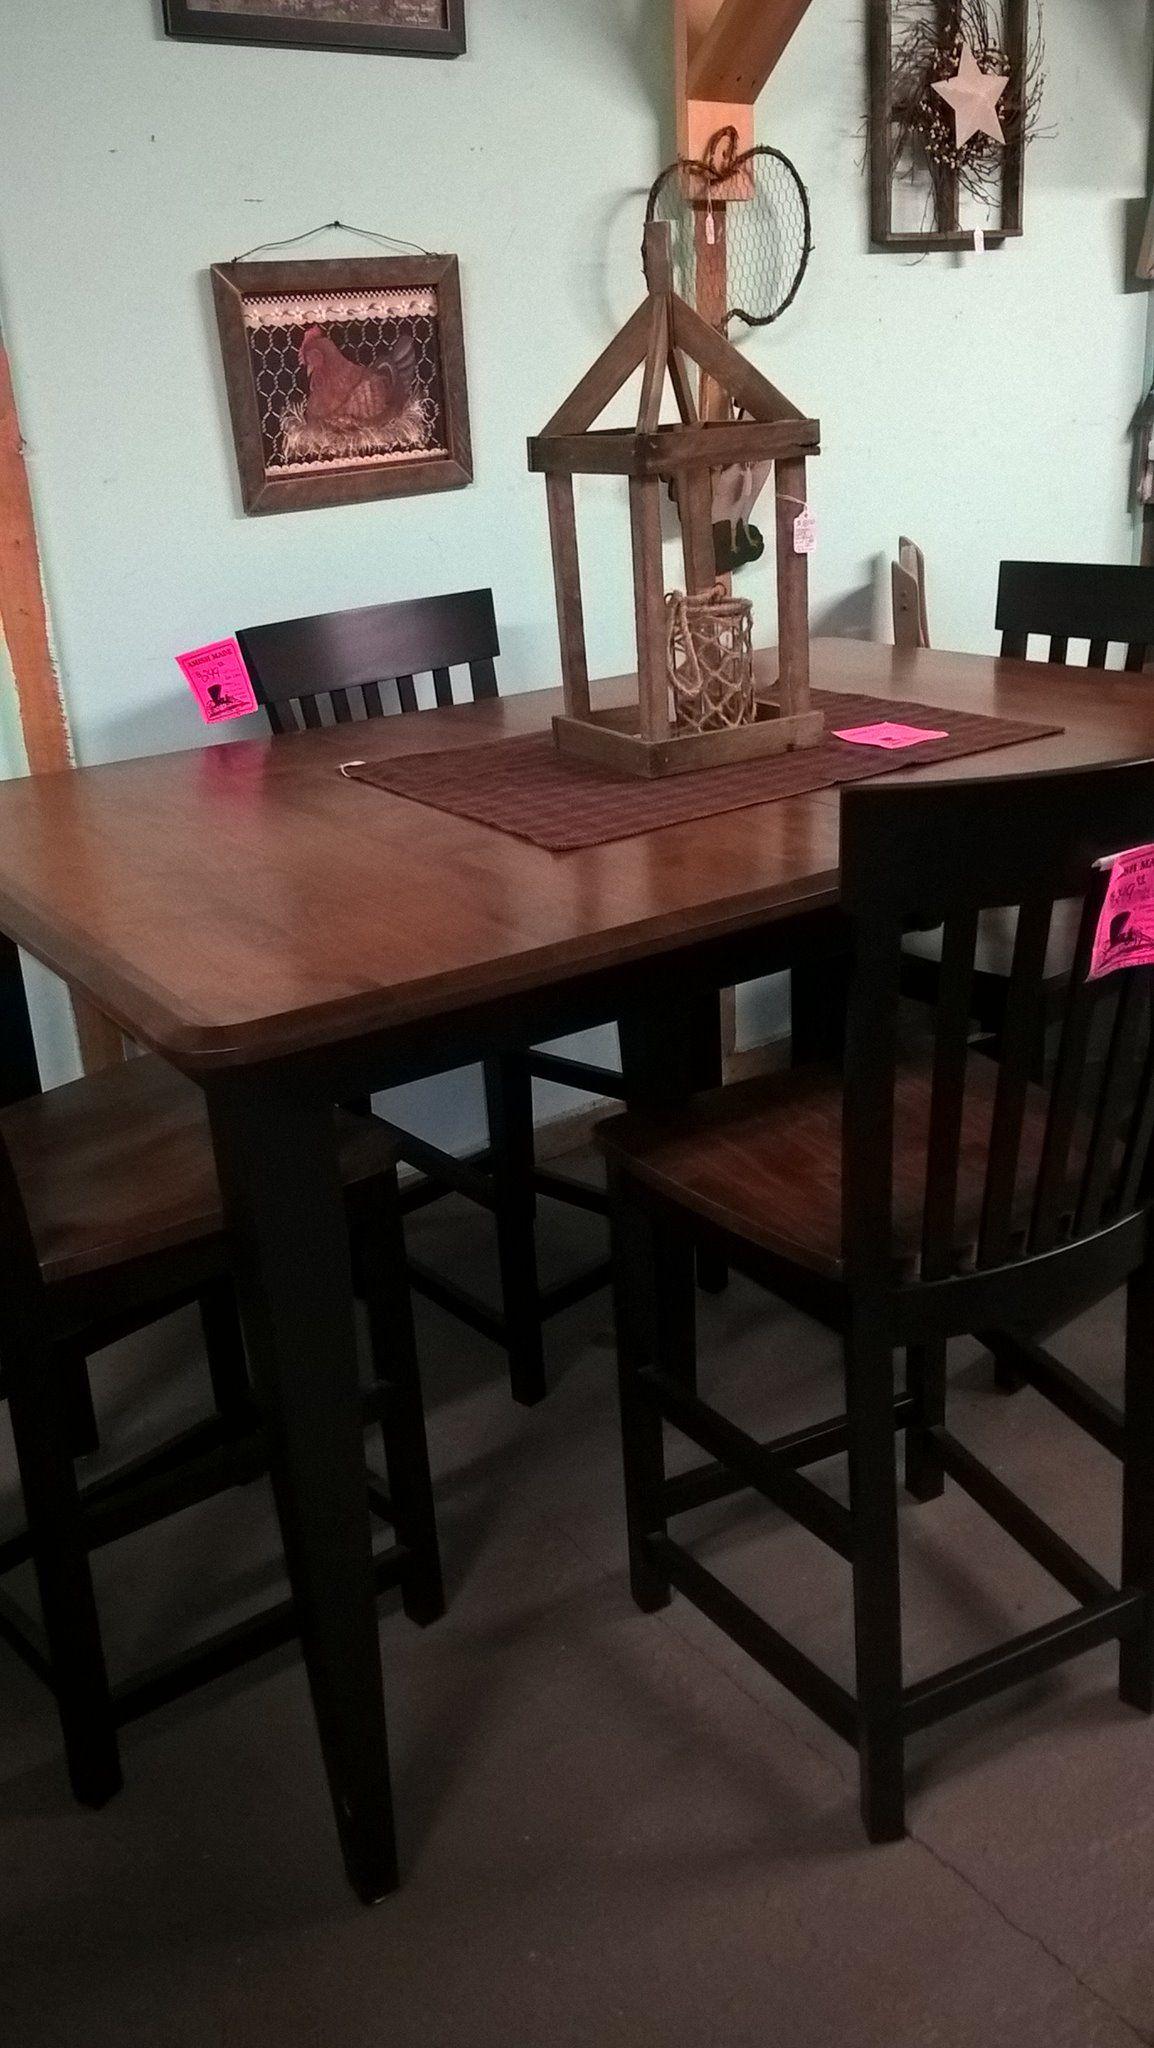 Amish Made Furniture Amish Furniture Furniture Furniture Making